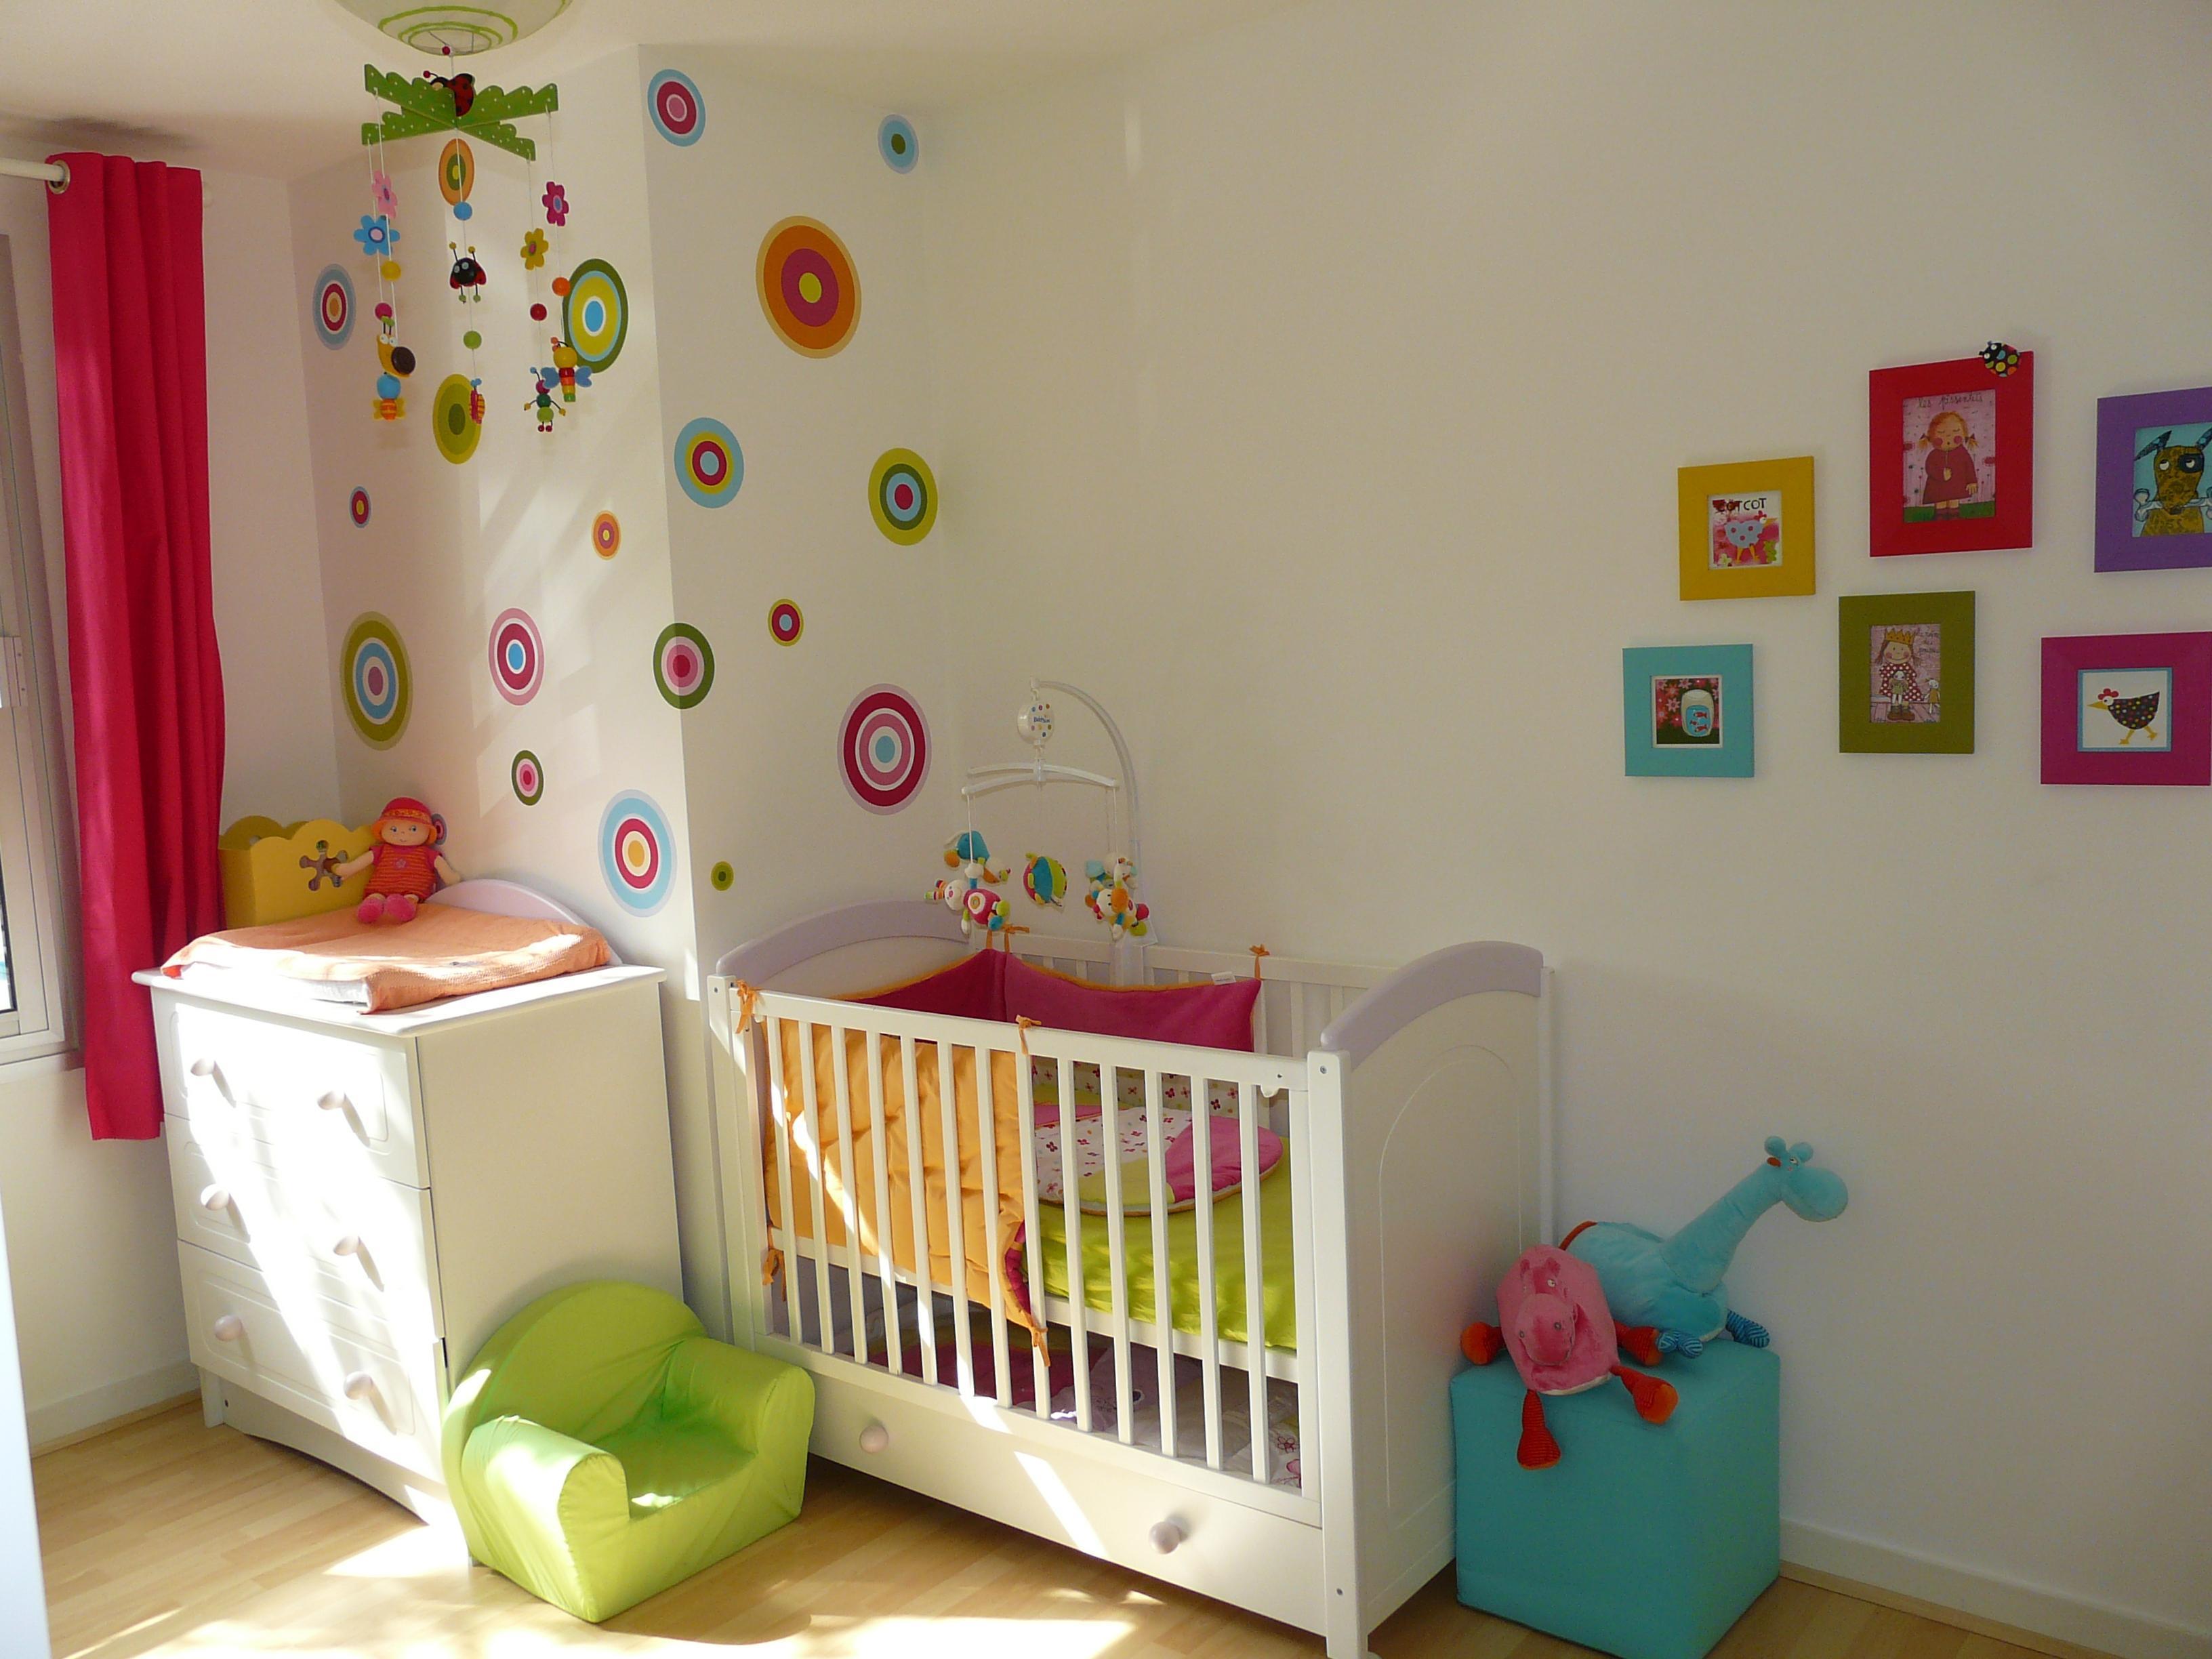 Modele peinture chambre bebe fille - Idées de tricot gratuit